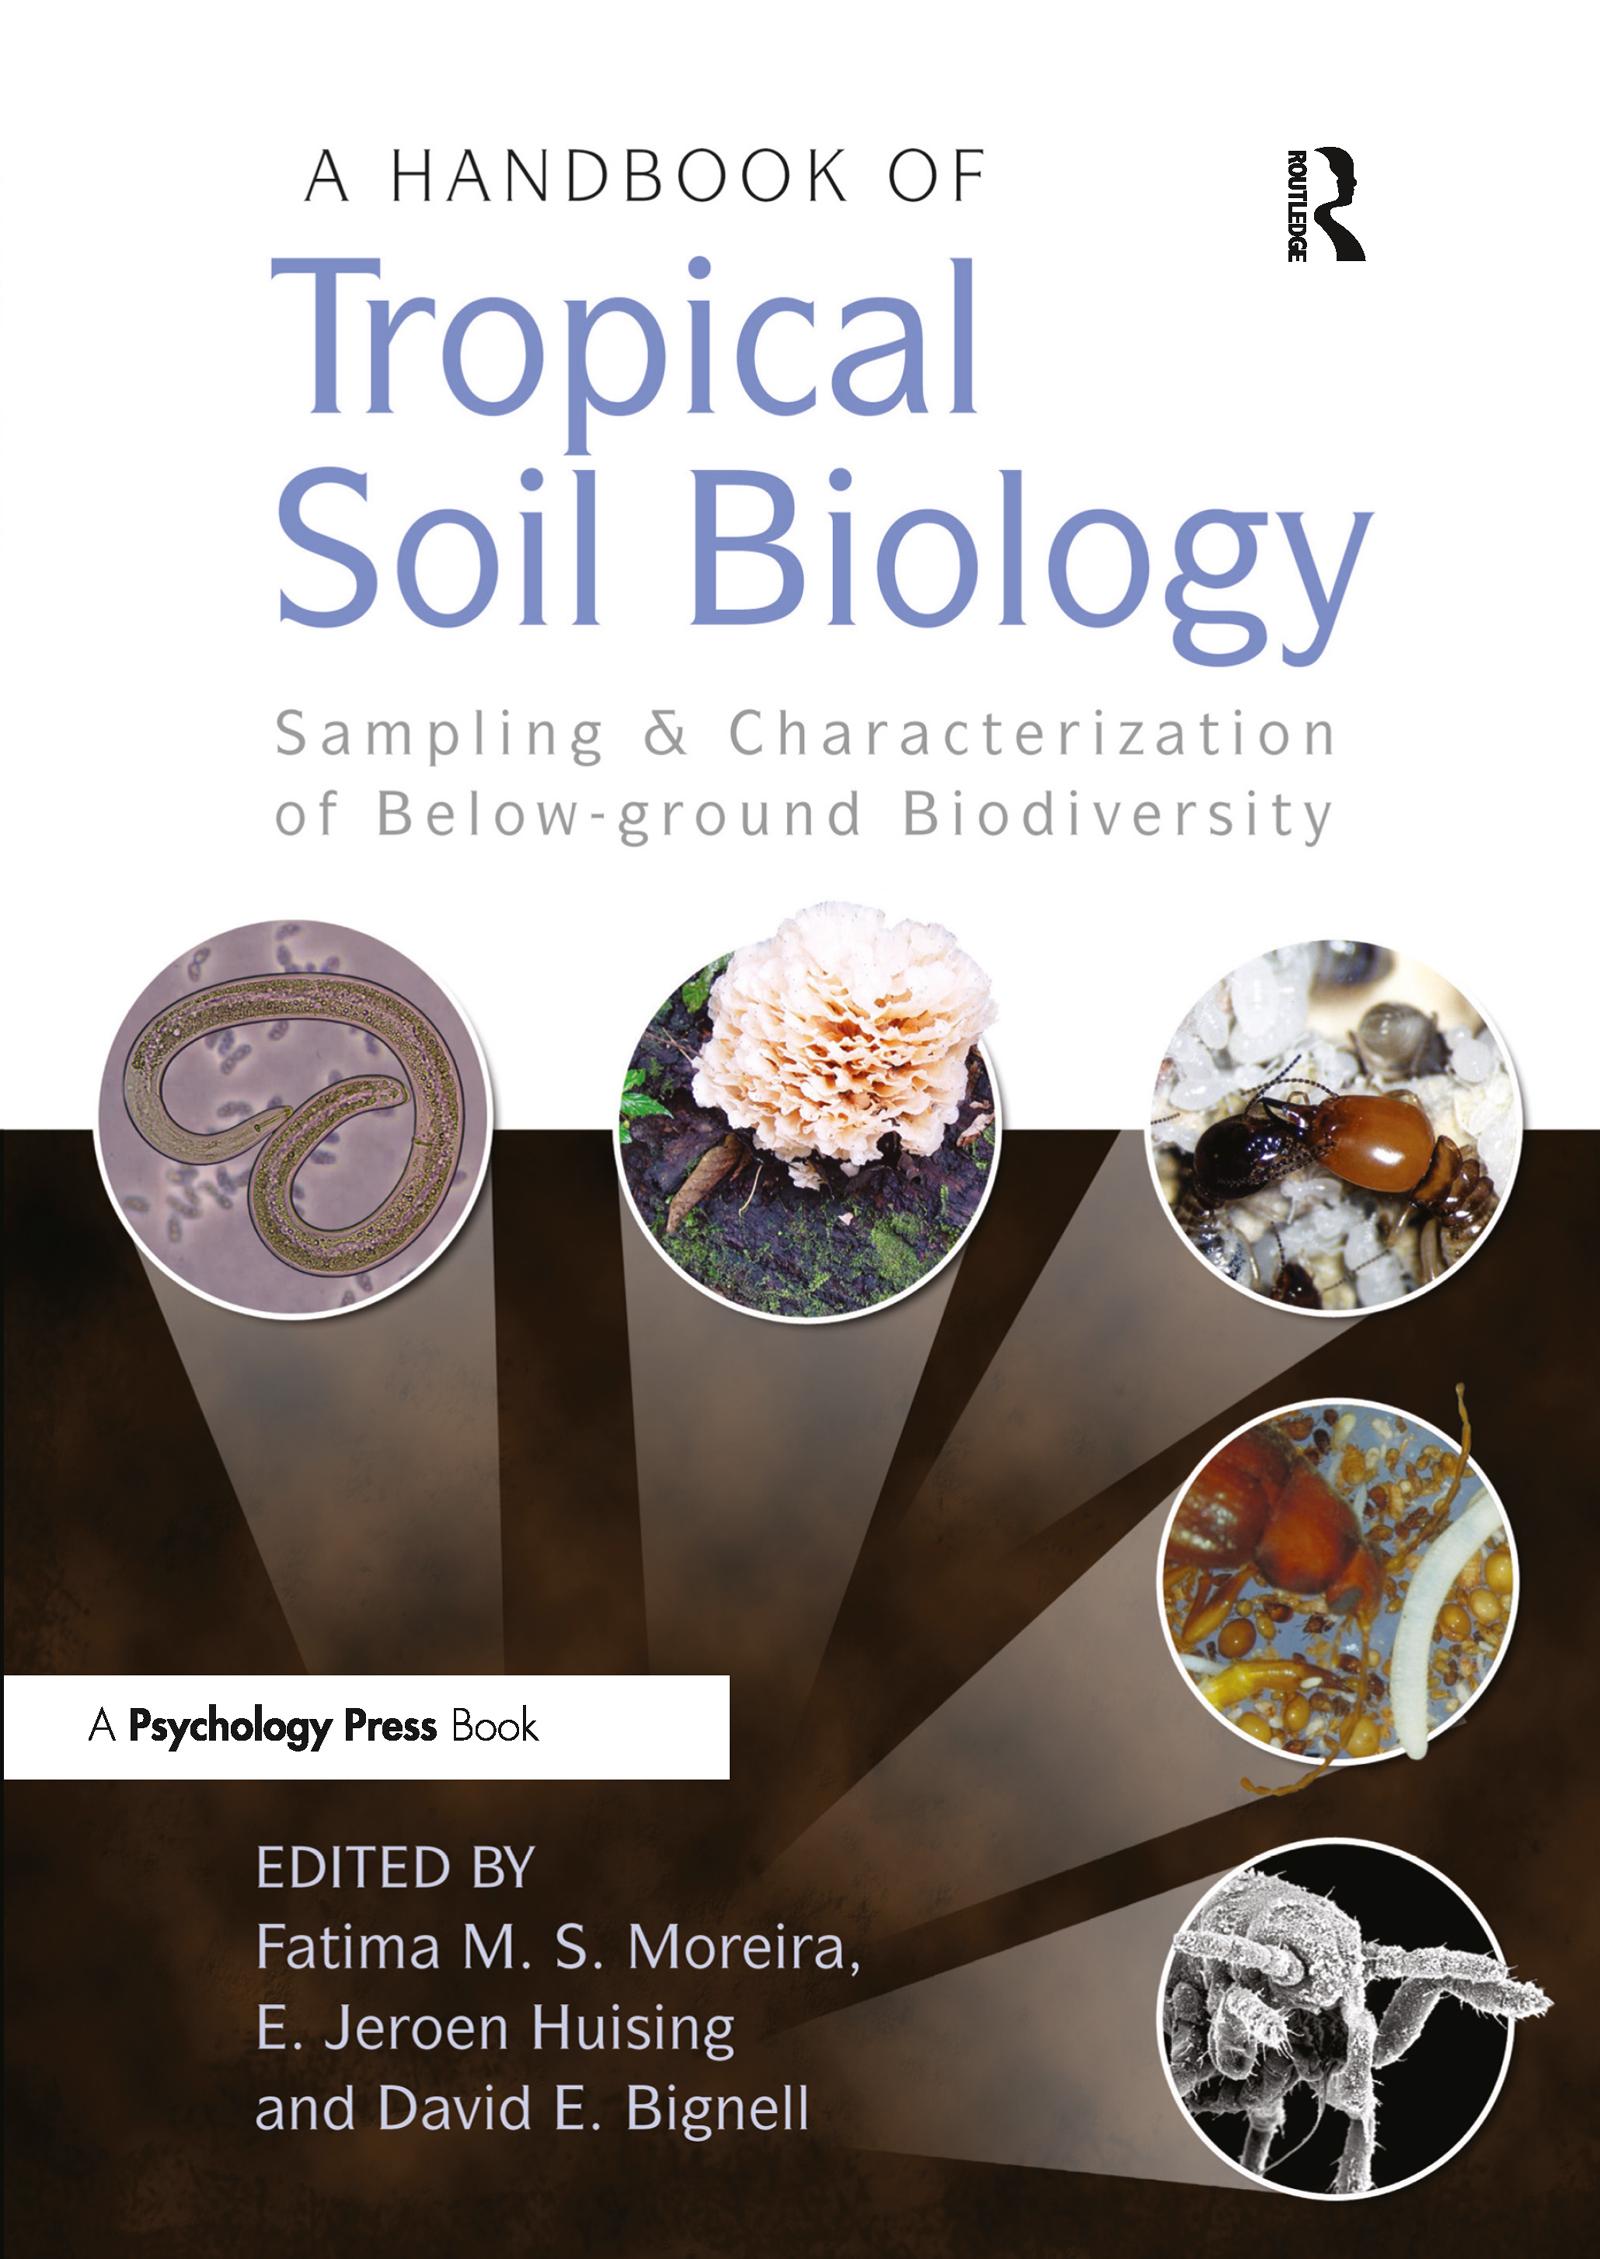 A Handbook of Tropical Soil Biology